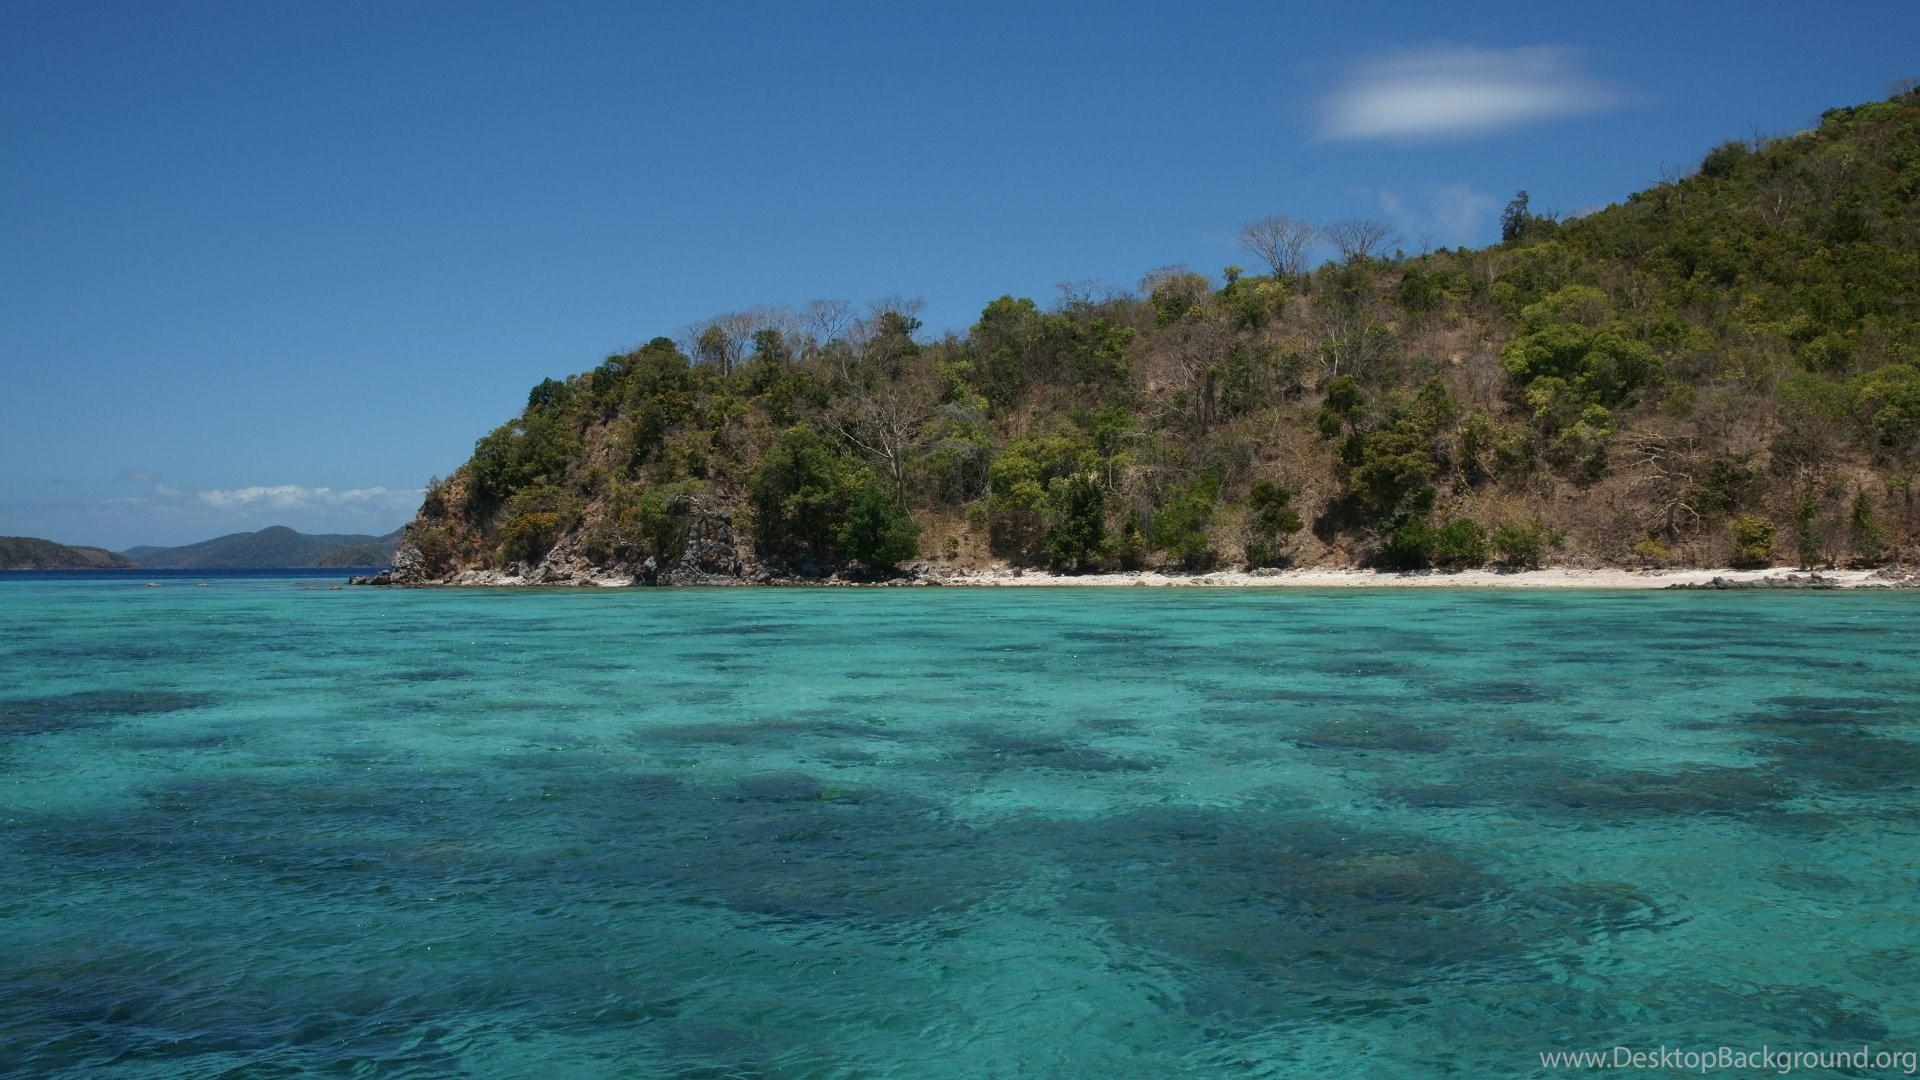 Beach Desktop Wallpaper Widescreen: Tropical, Islands, Widescreen, Wallpapers, Beaches, Scenic